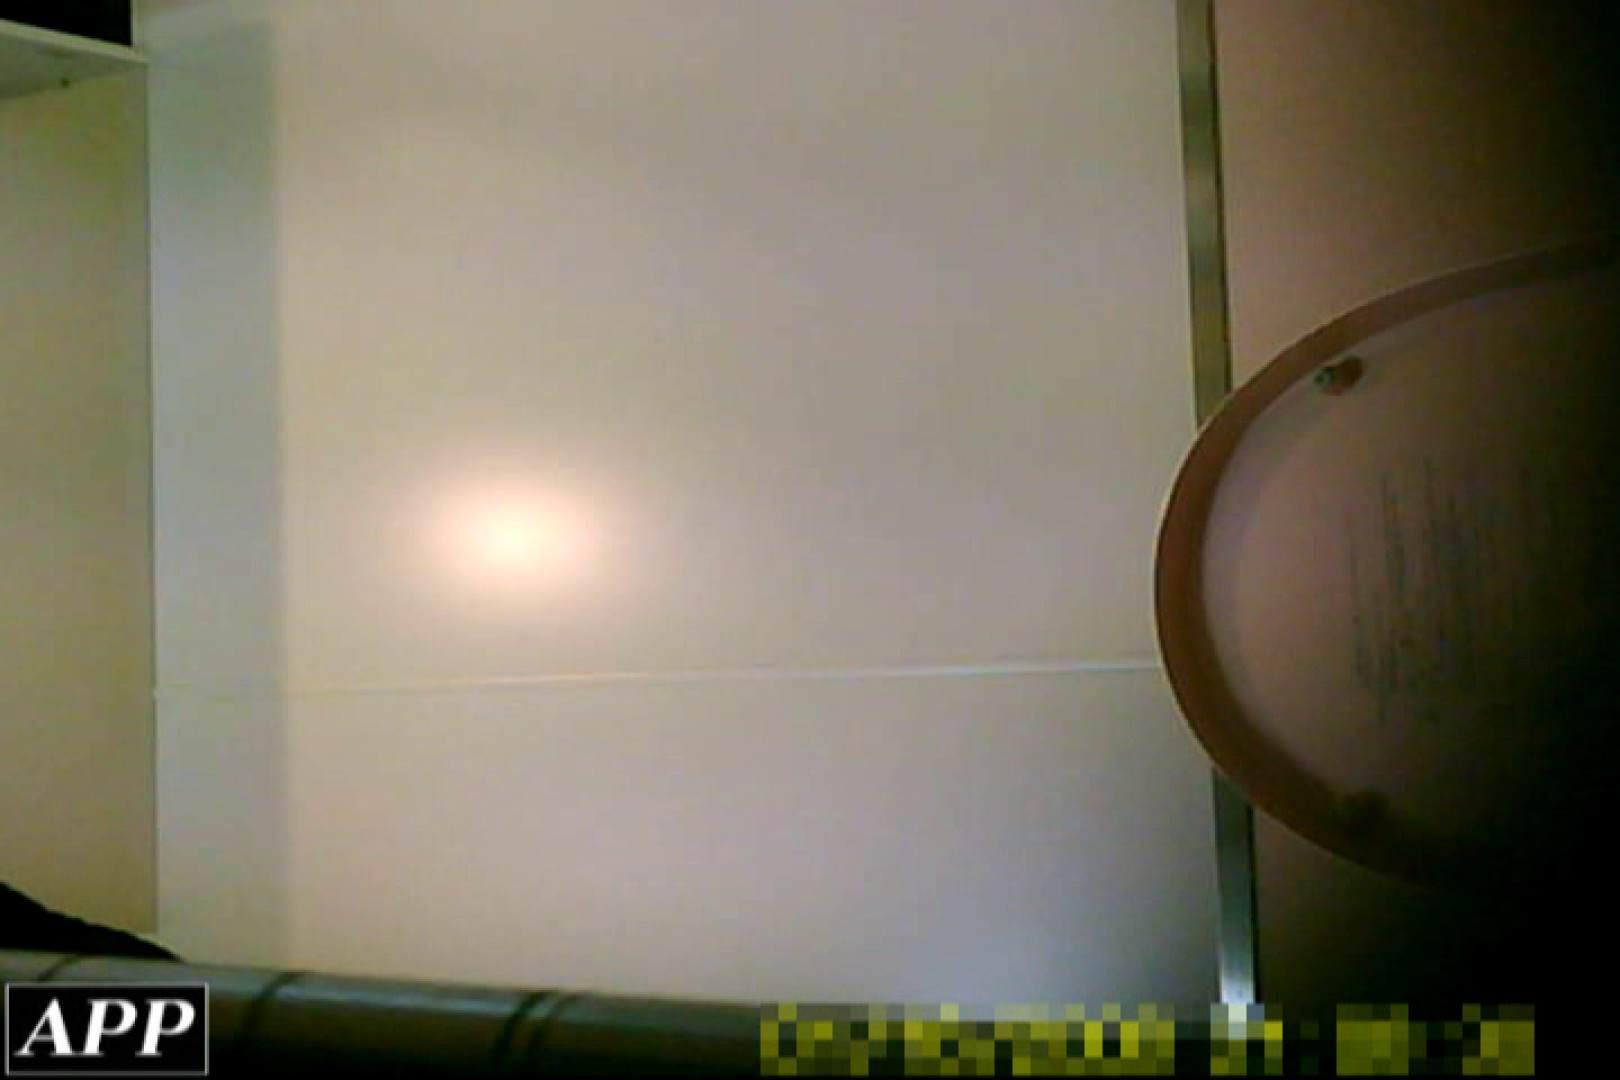 3視点洗面所 vol.009 OLの実態   洗面所  89pic 69